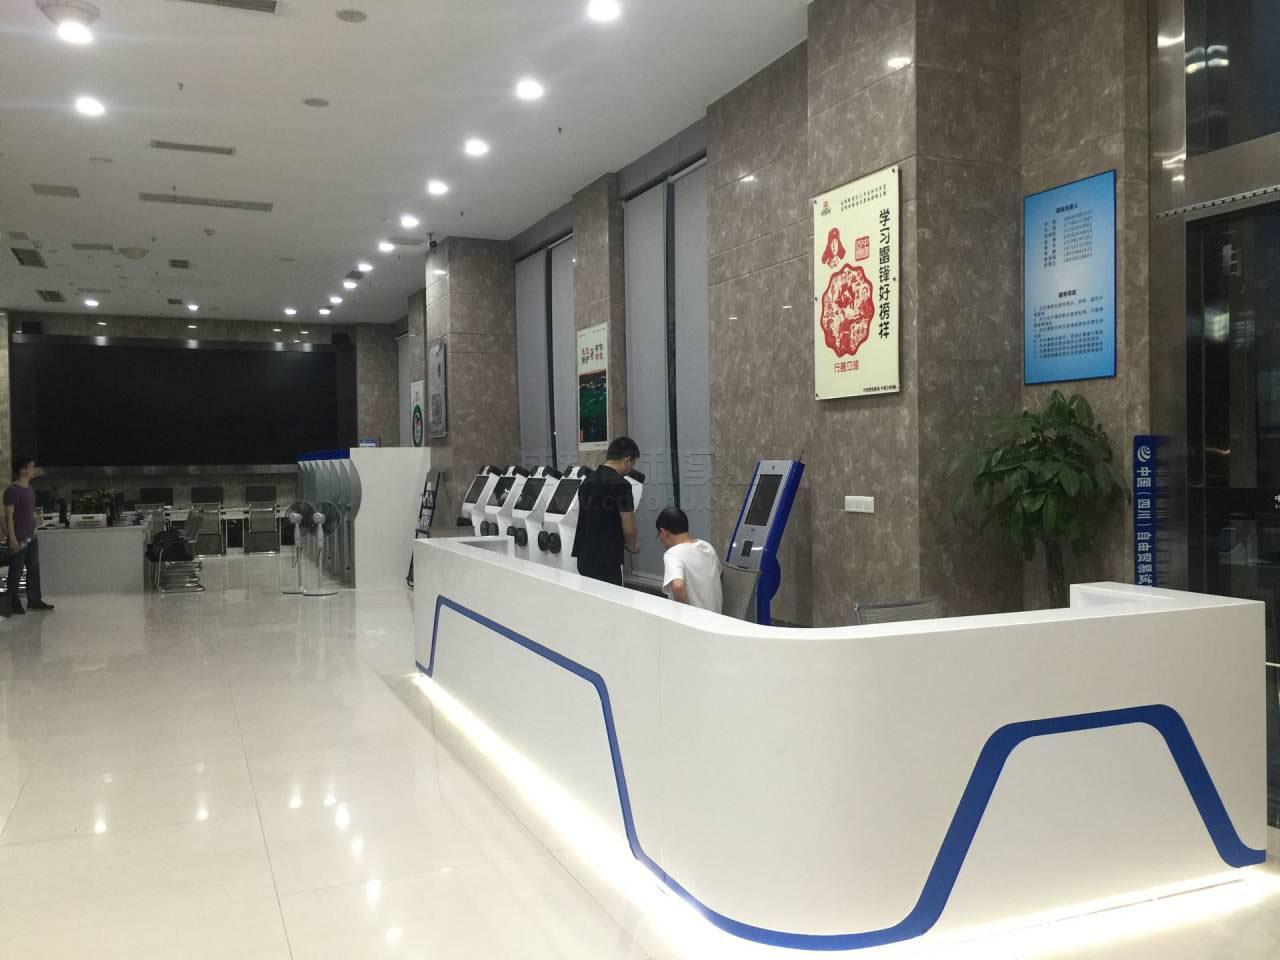 泸州市龙马潭智慧税务局填单系统测试